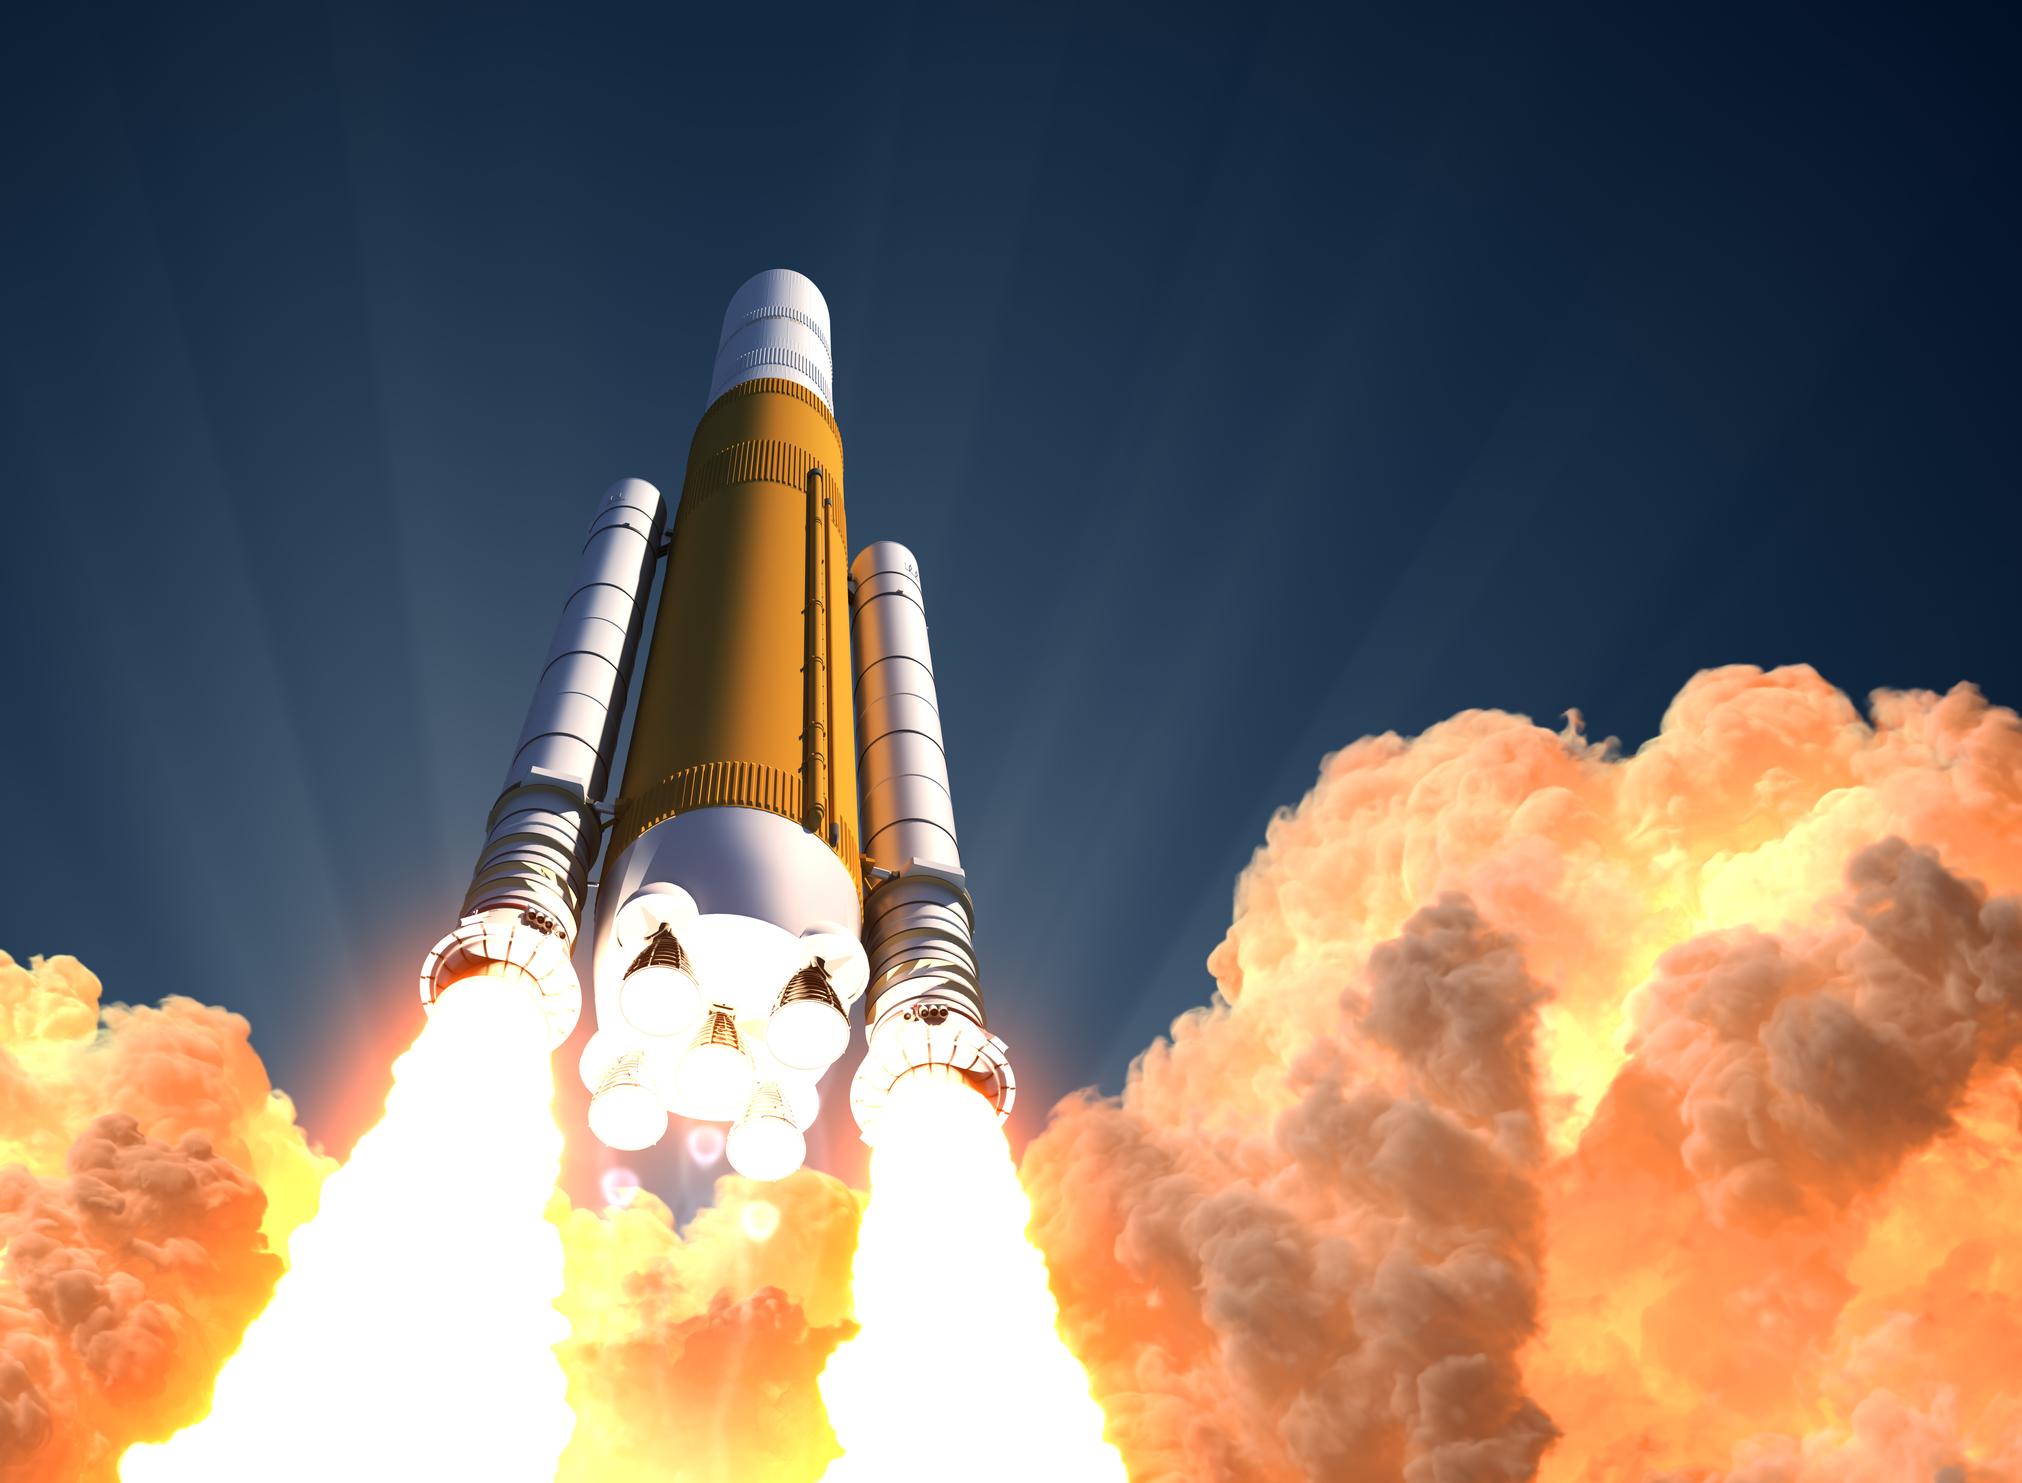 A rocket taking flight